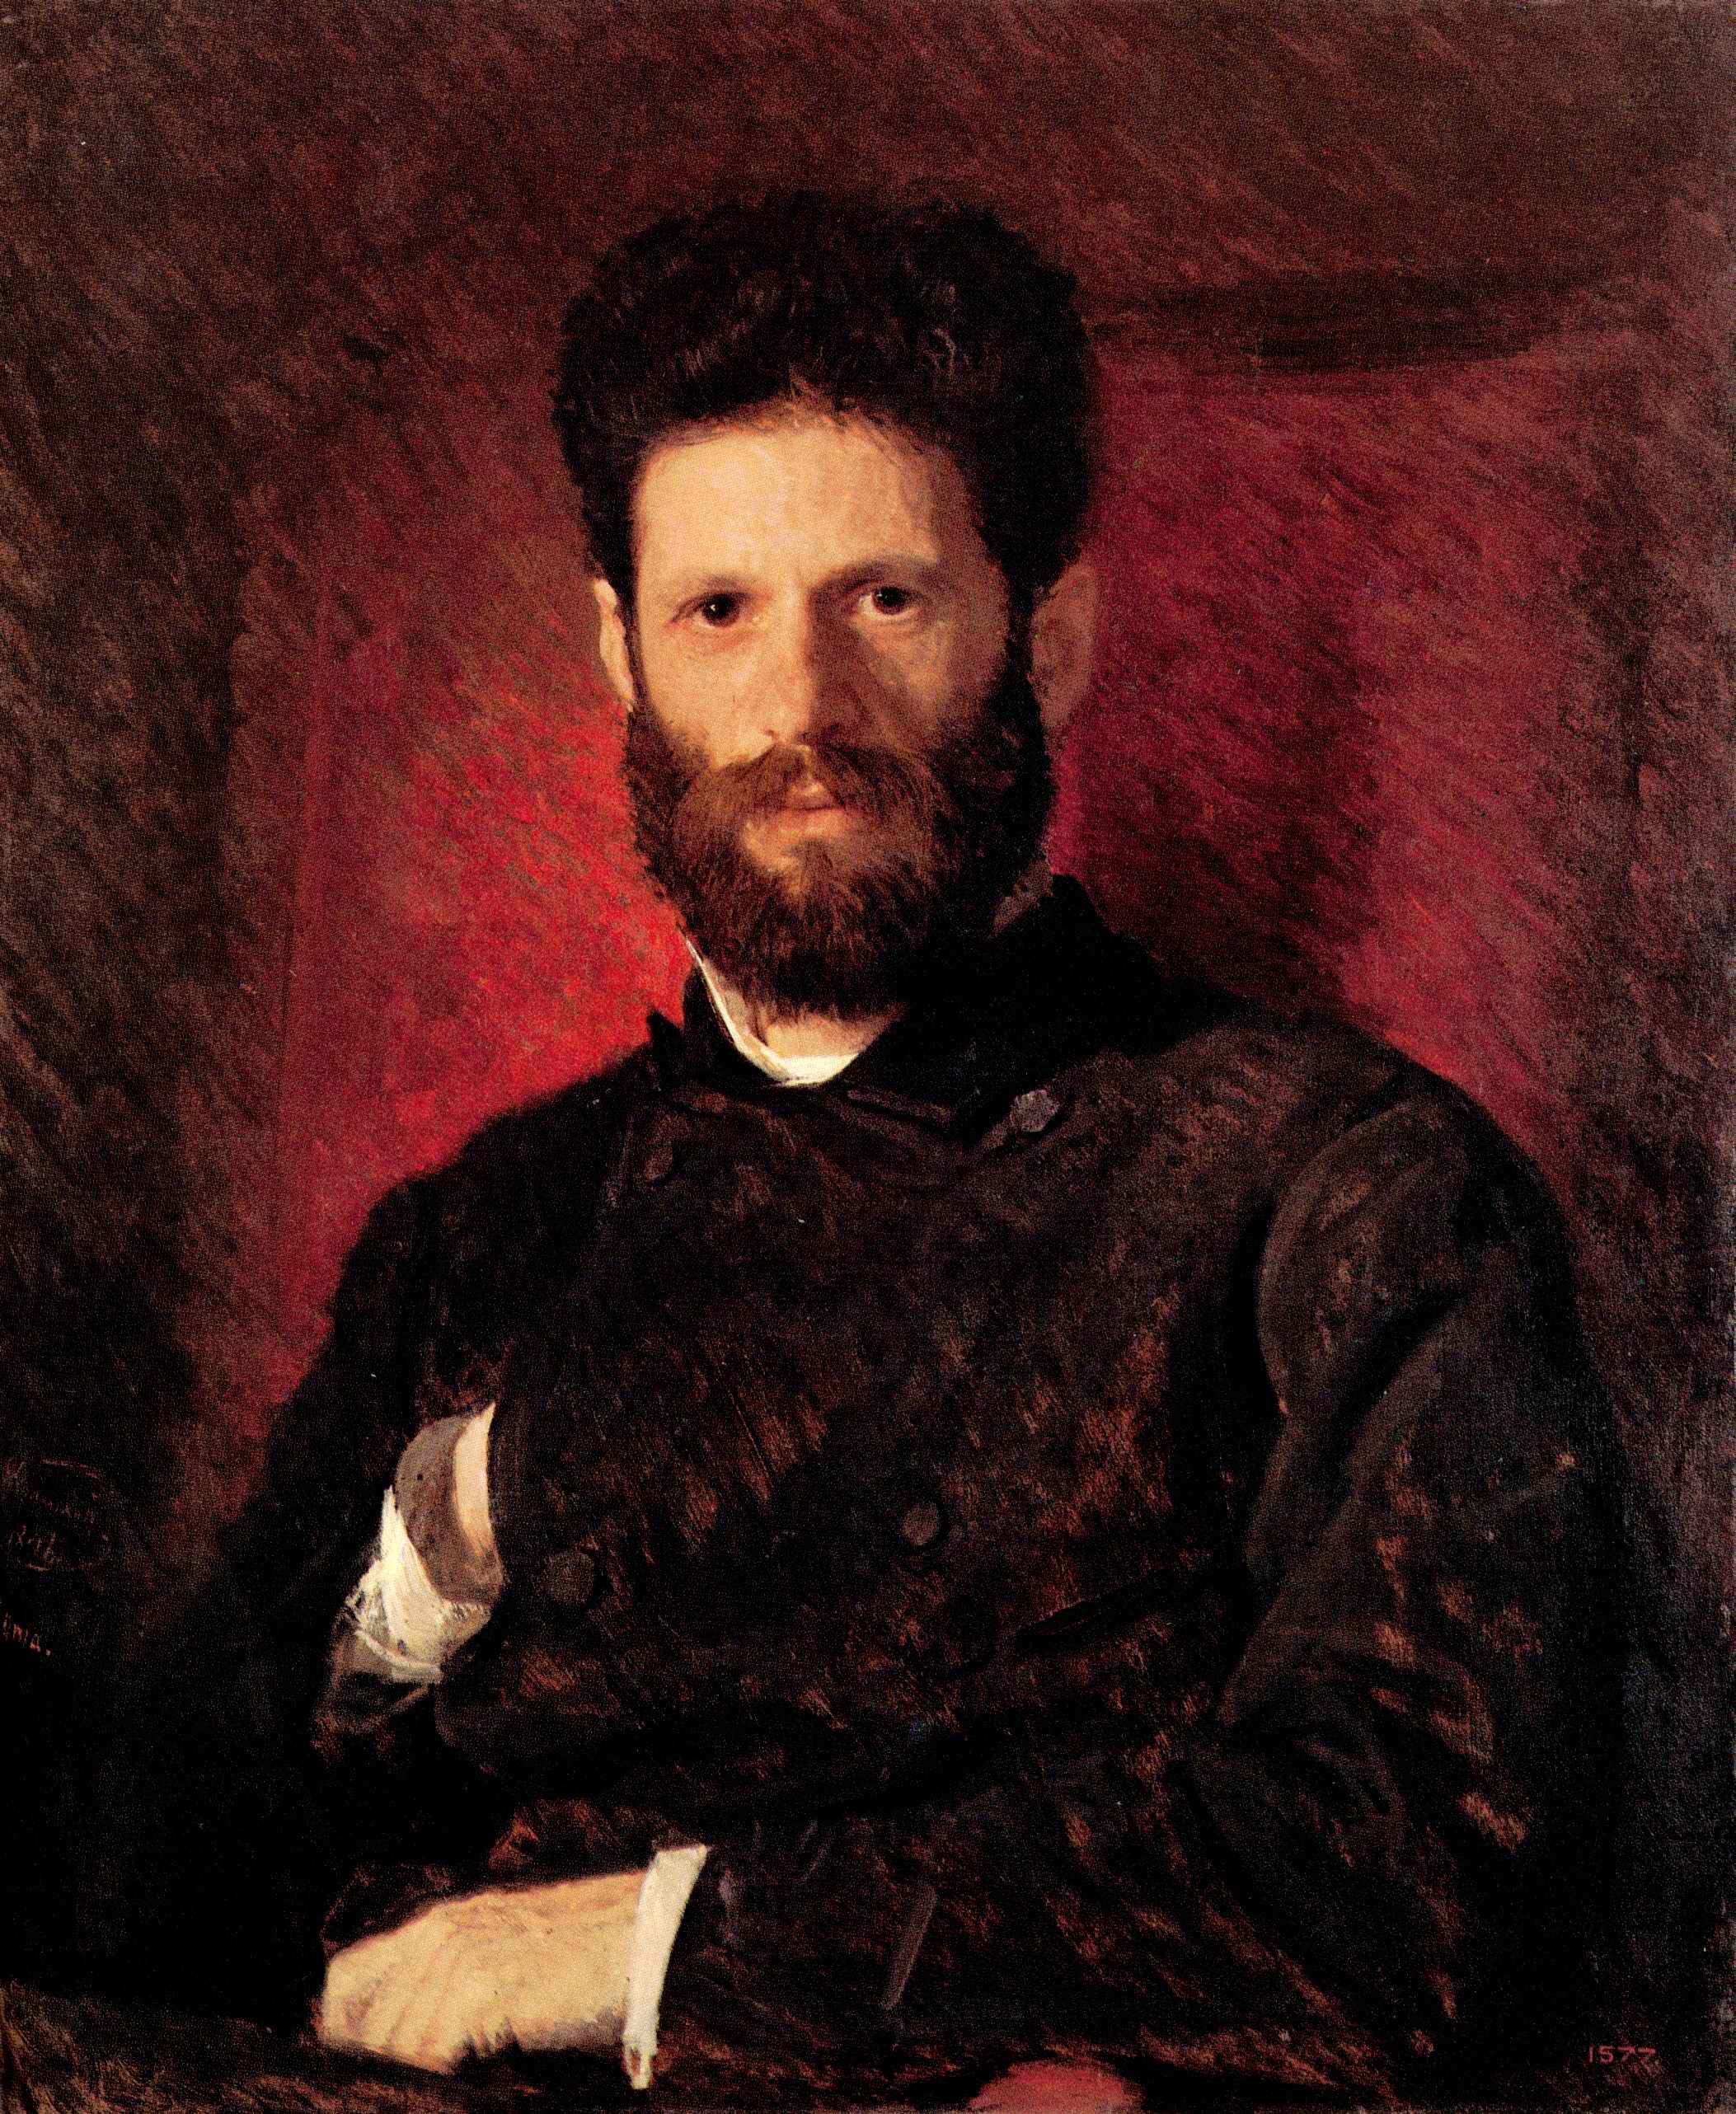 Портрет скульптора Марка Матвеевича Антокольского, Крамской Иван Николаевич